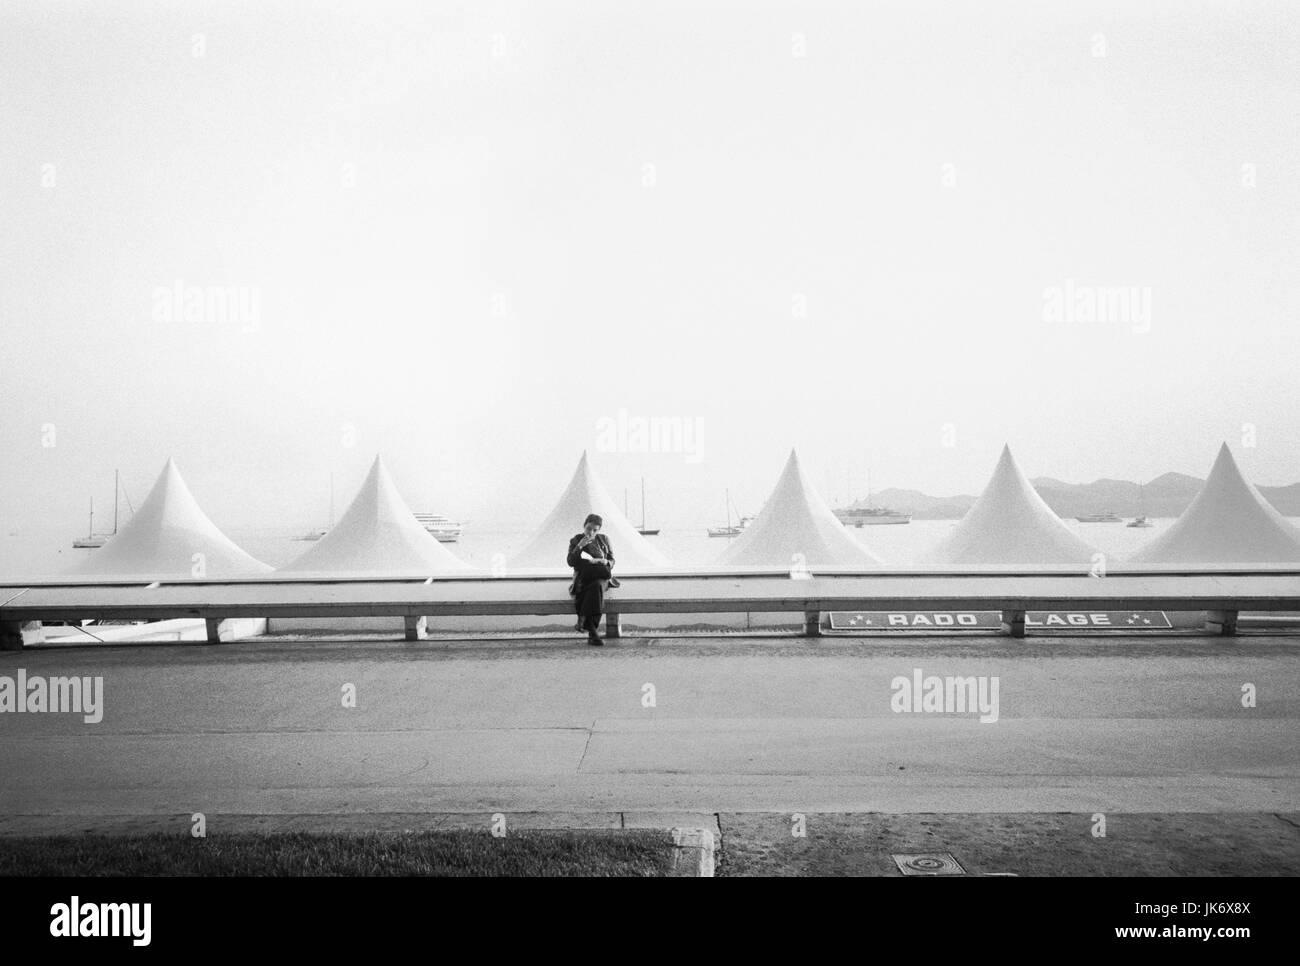 Frankreich, französischen Riviera, Cannes, Strandzelte, Cannes Film Festival, Person, s/w kein Model release Stockbild